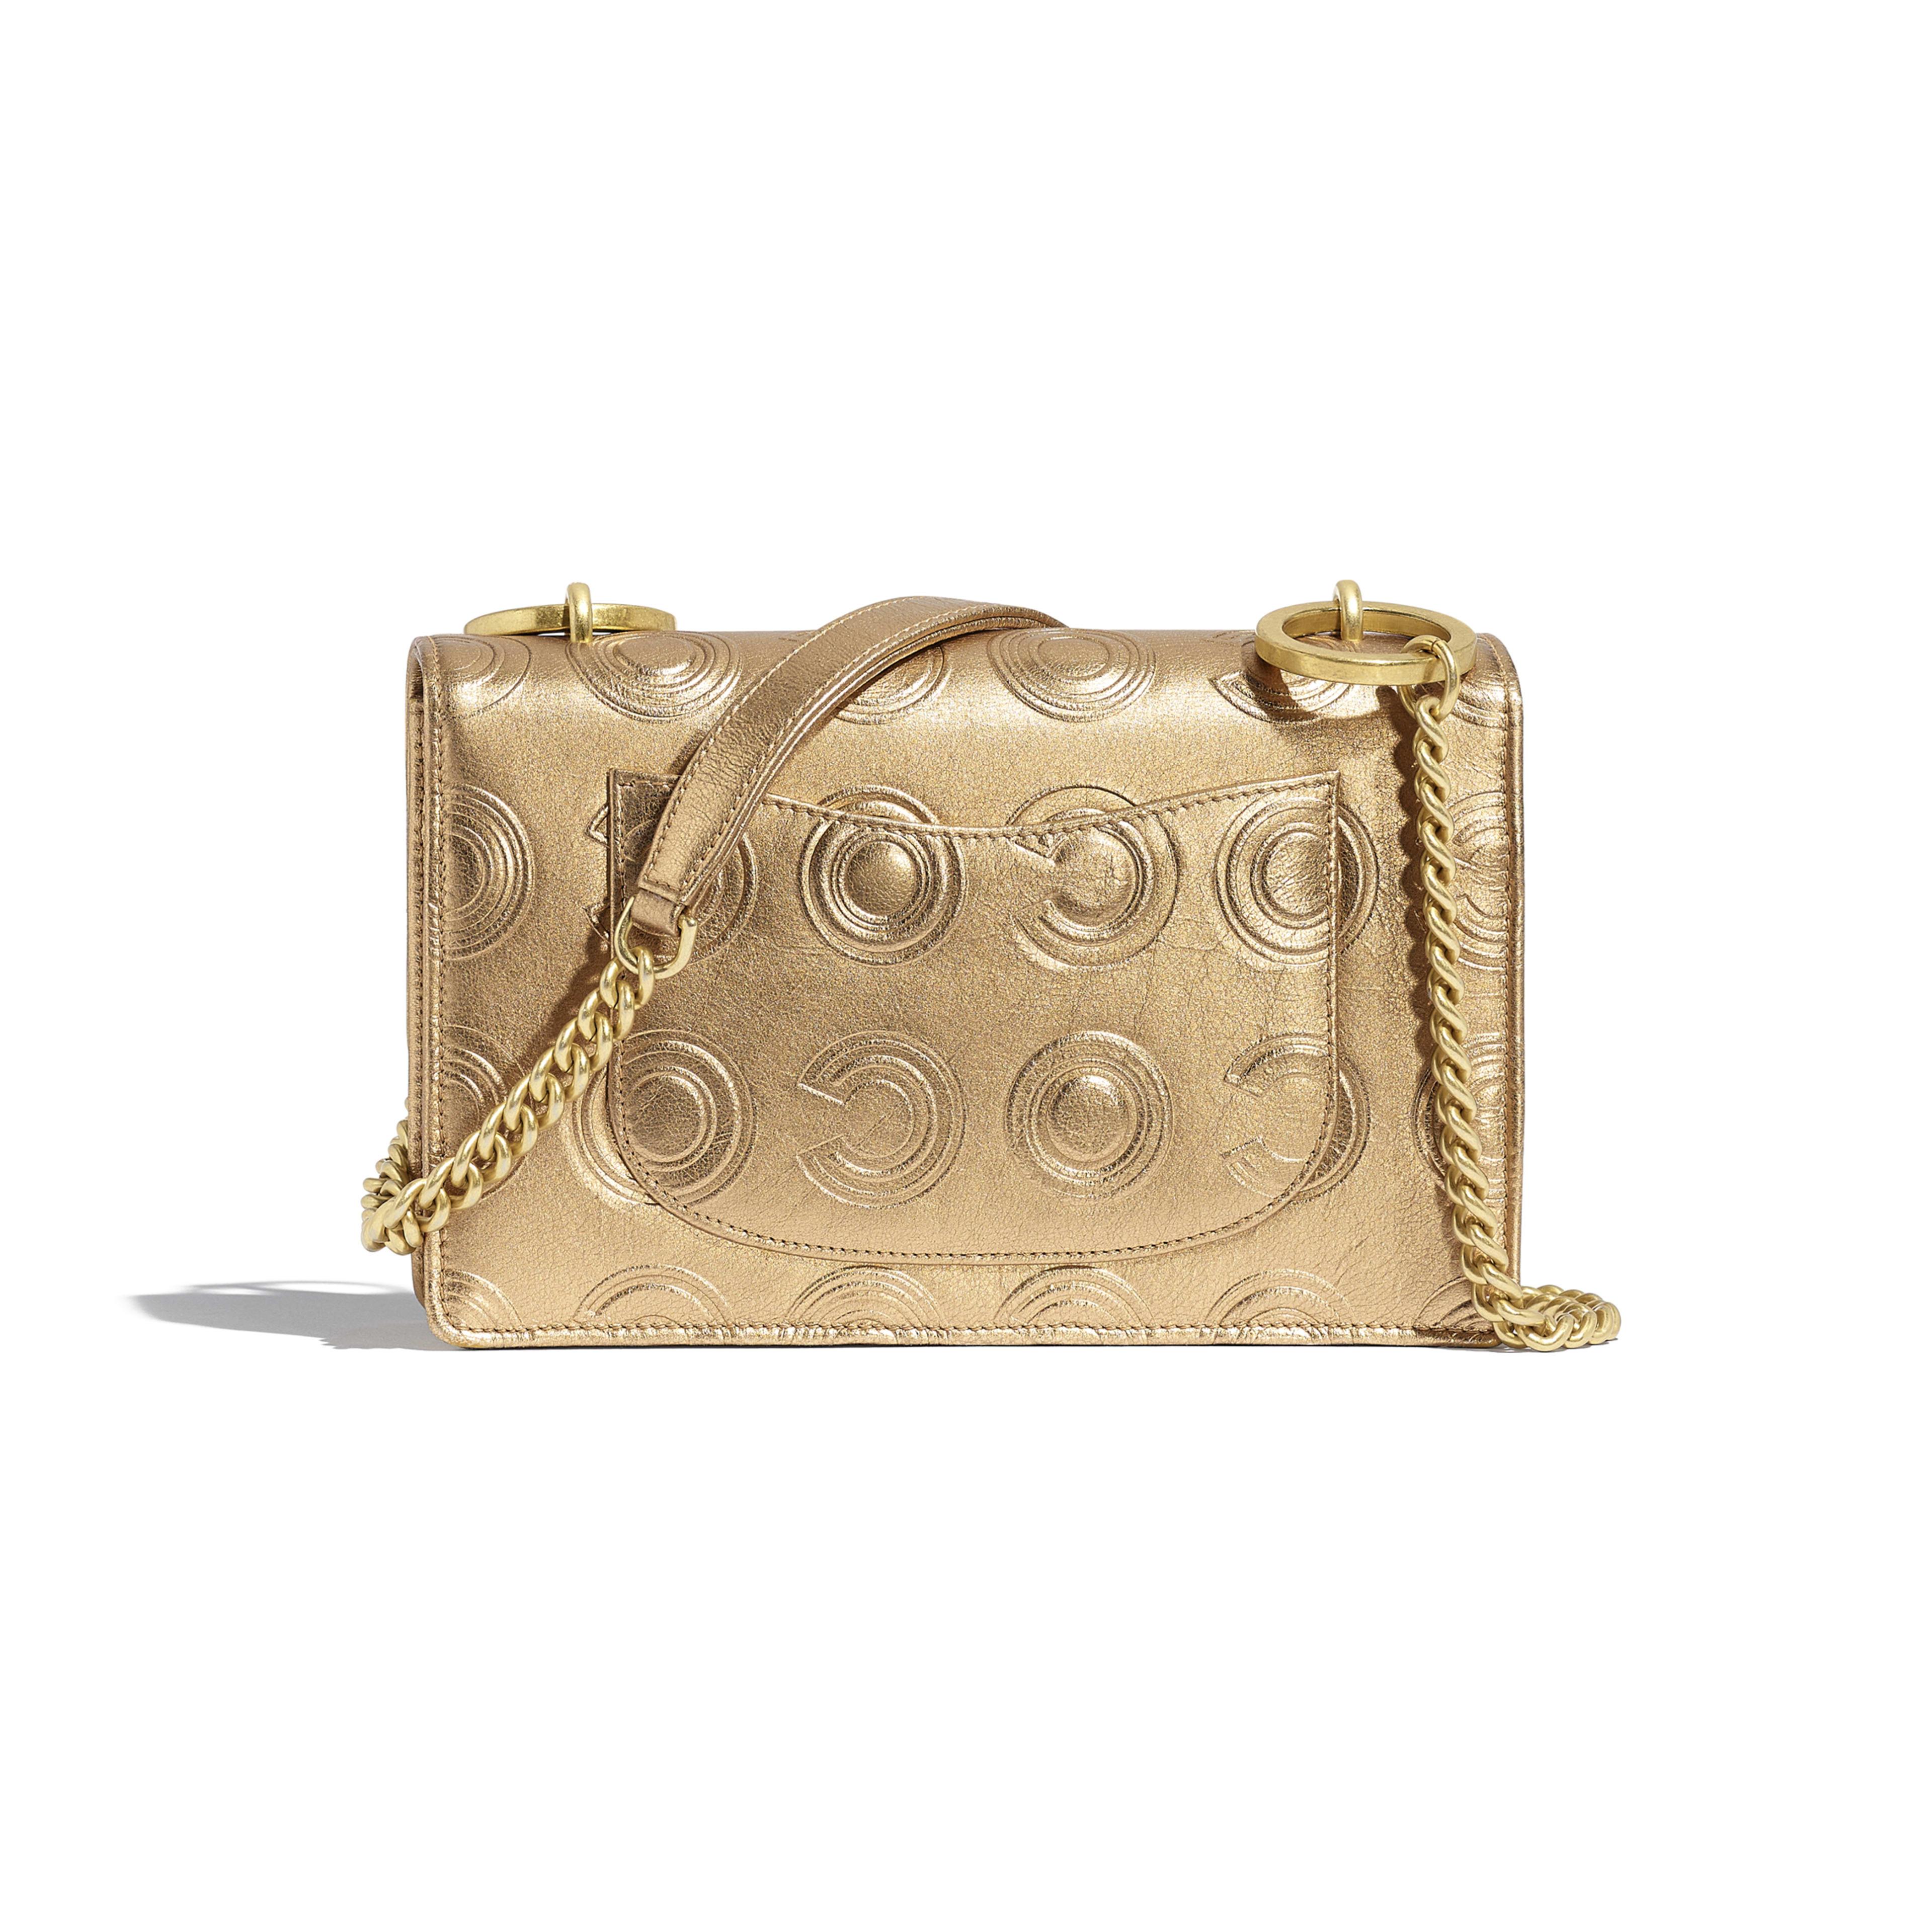 Сумка-конверт - Золотистый - Металлизированная кожа теленка и золотистый металл - Альтернативный вид - посмотреть полноразмерное изображение